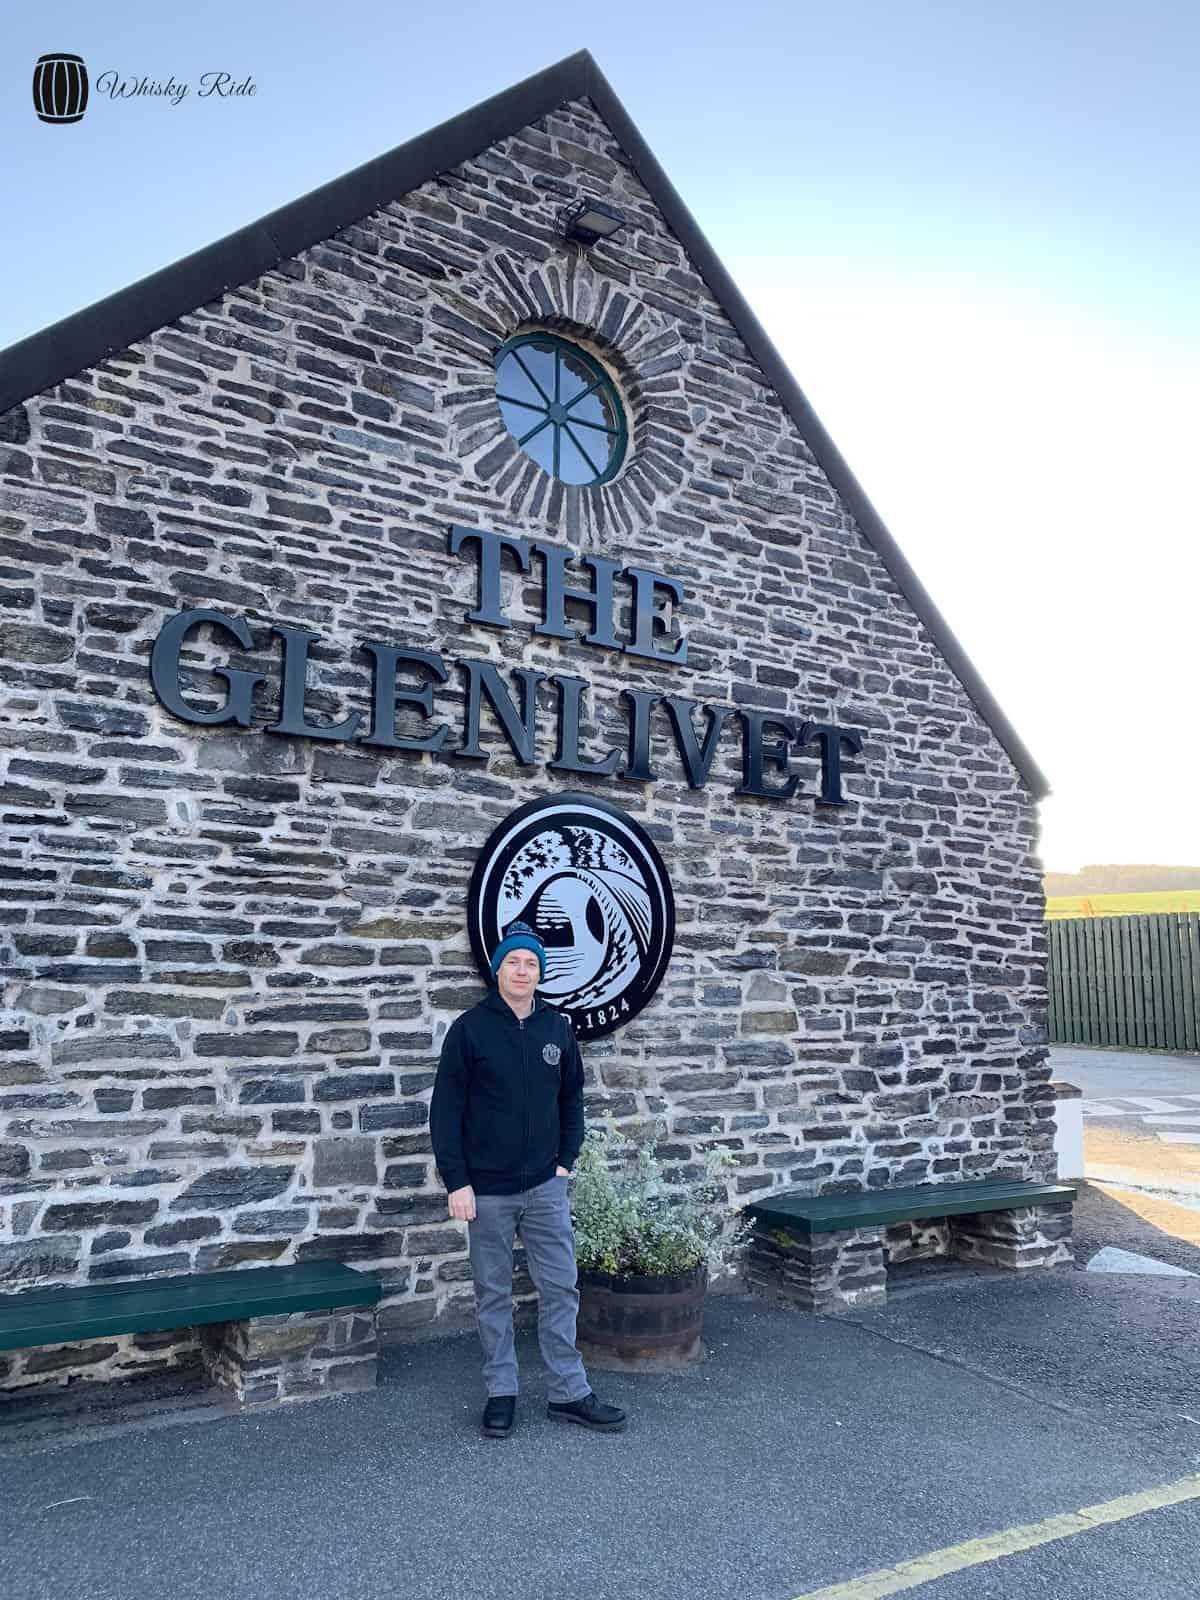 The Glenlivet Entrance Sign